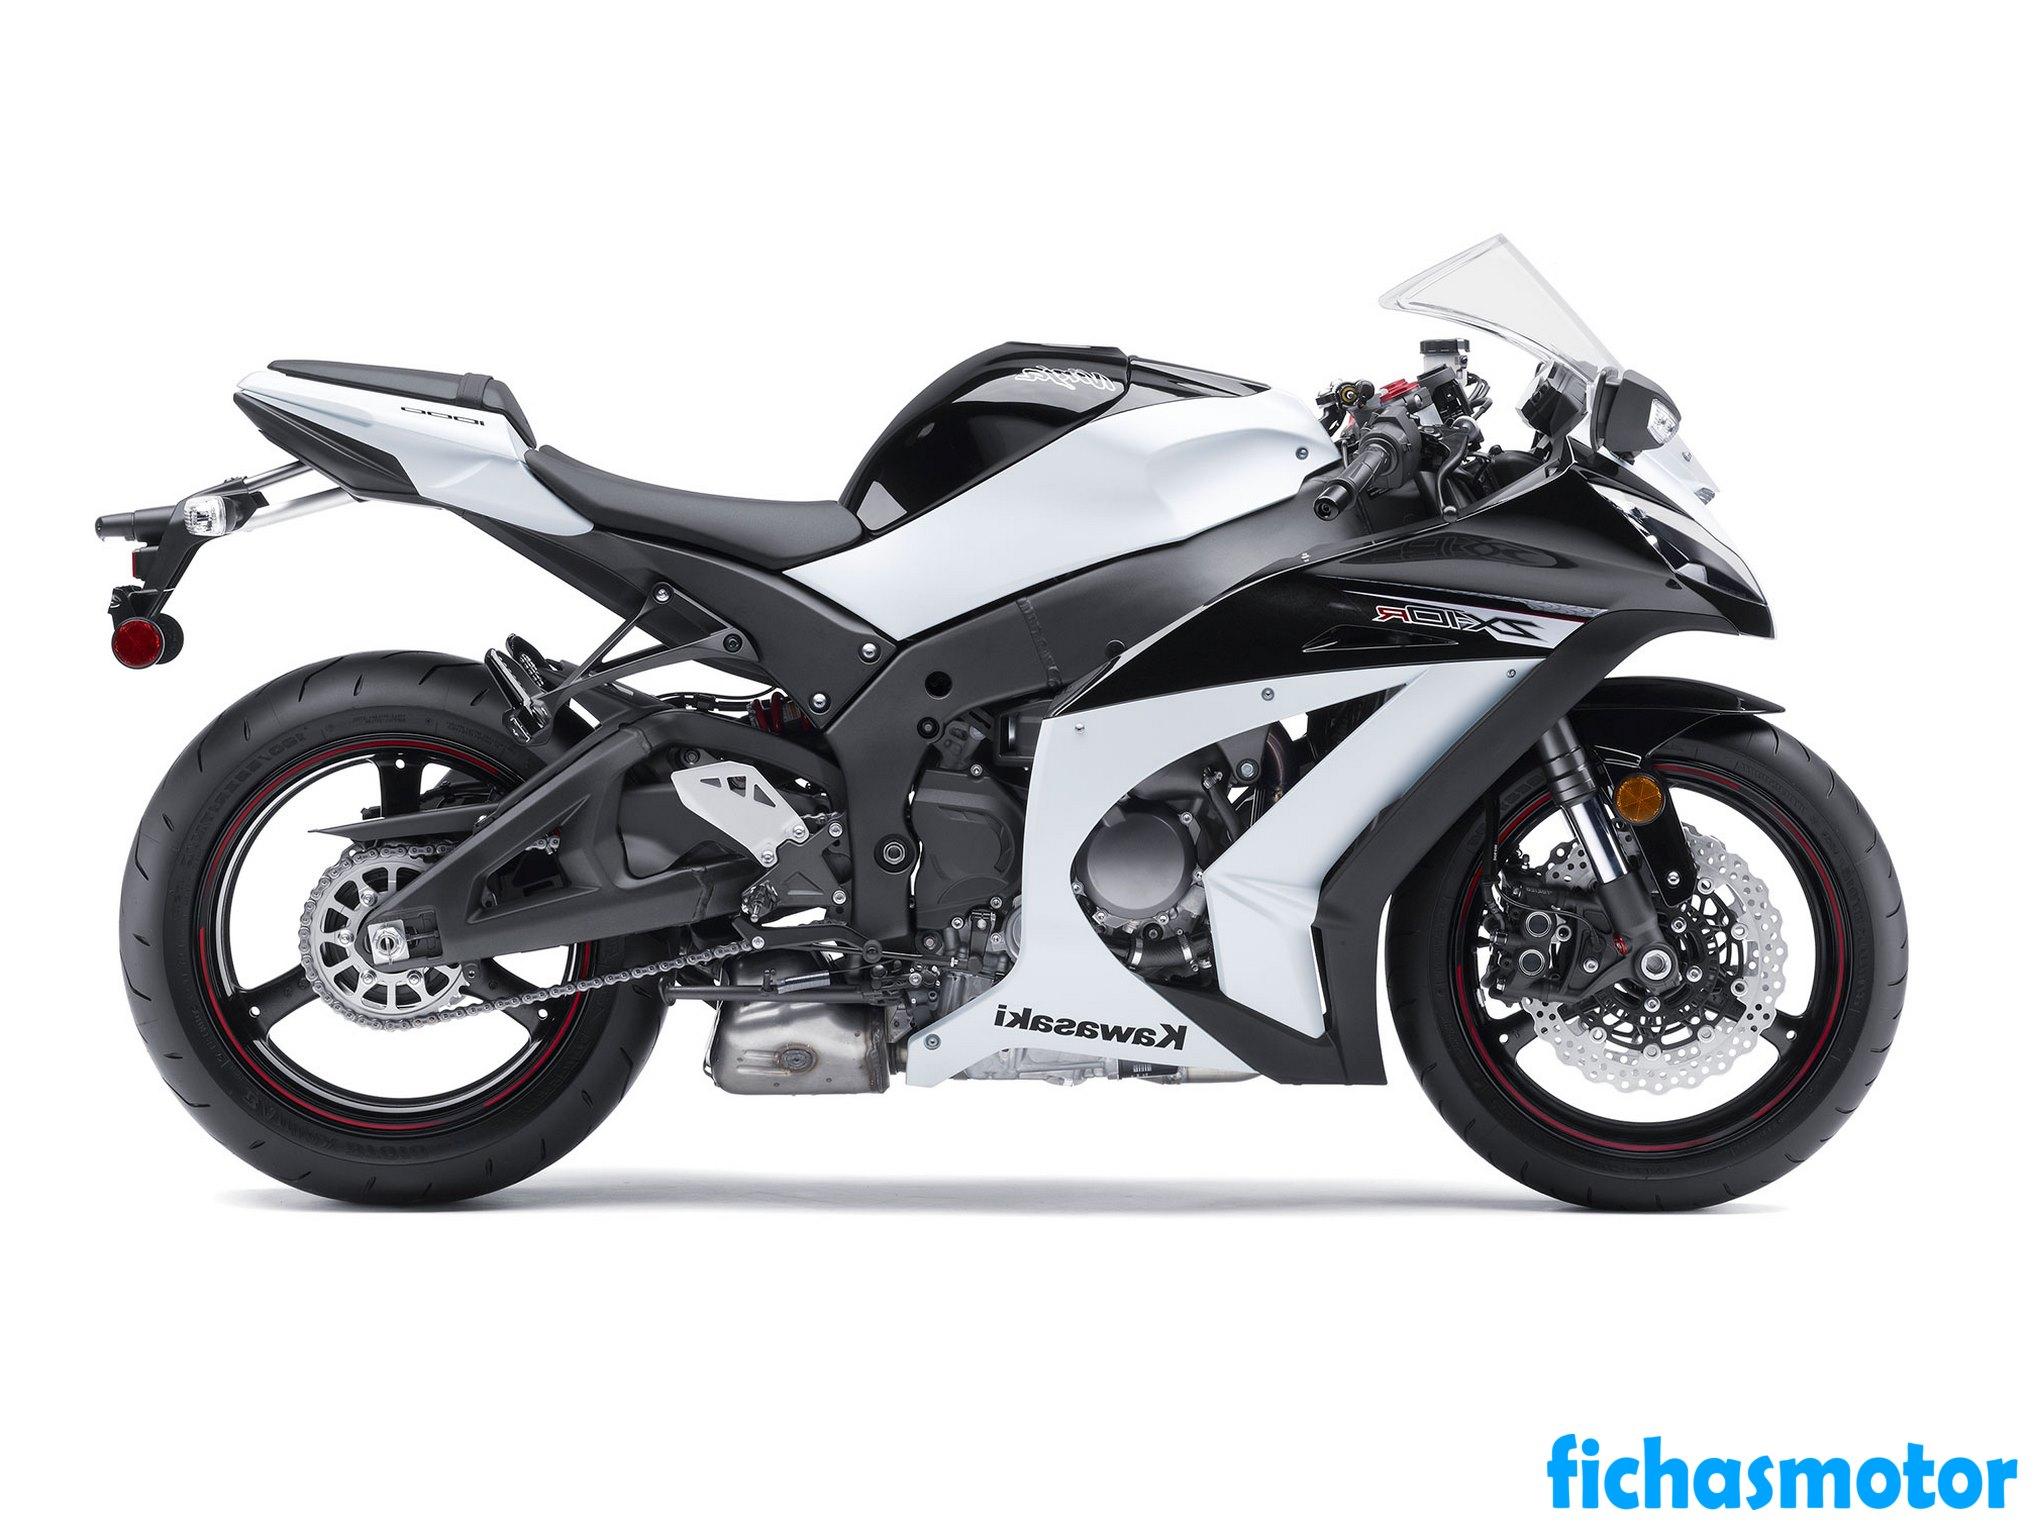 Imagen moto Kawasaki ninja zx -10r año 2013